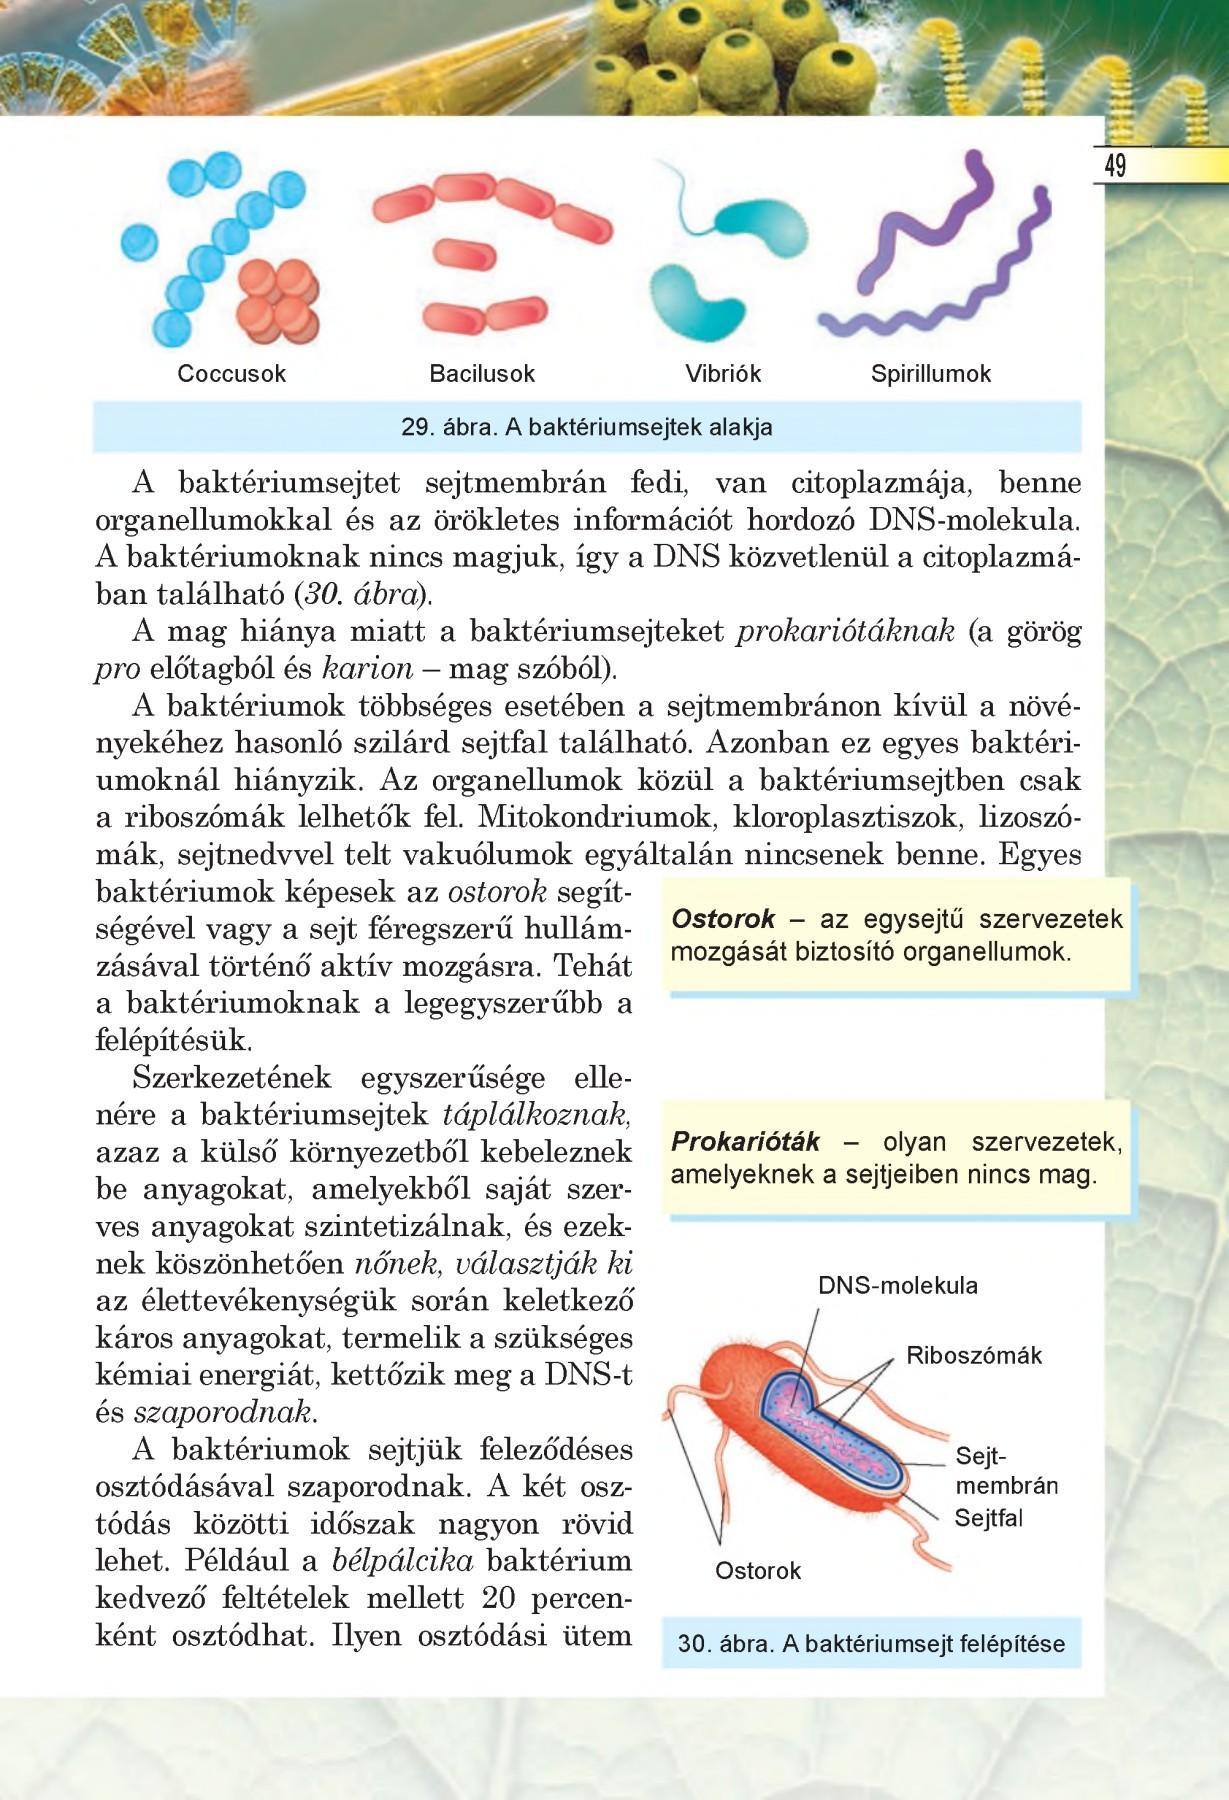 kerek féreg típusú heterotróf táplálkozás)